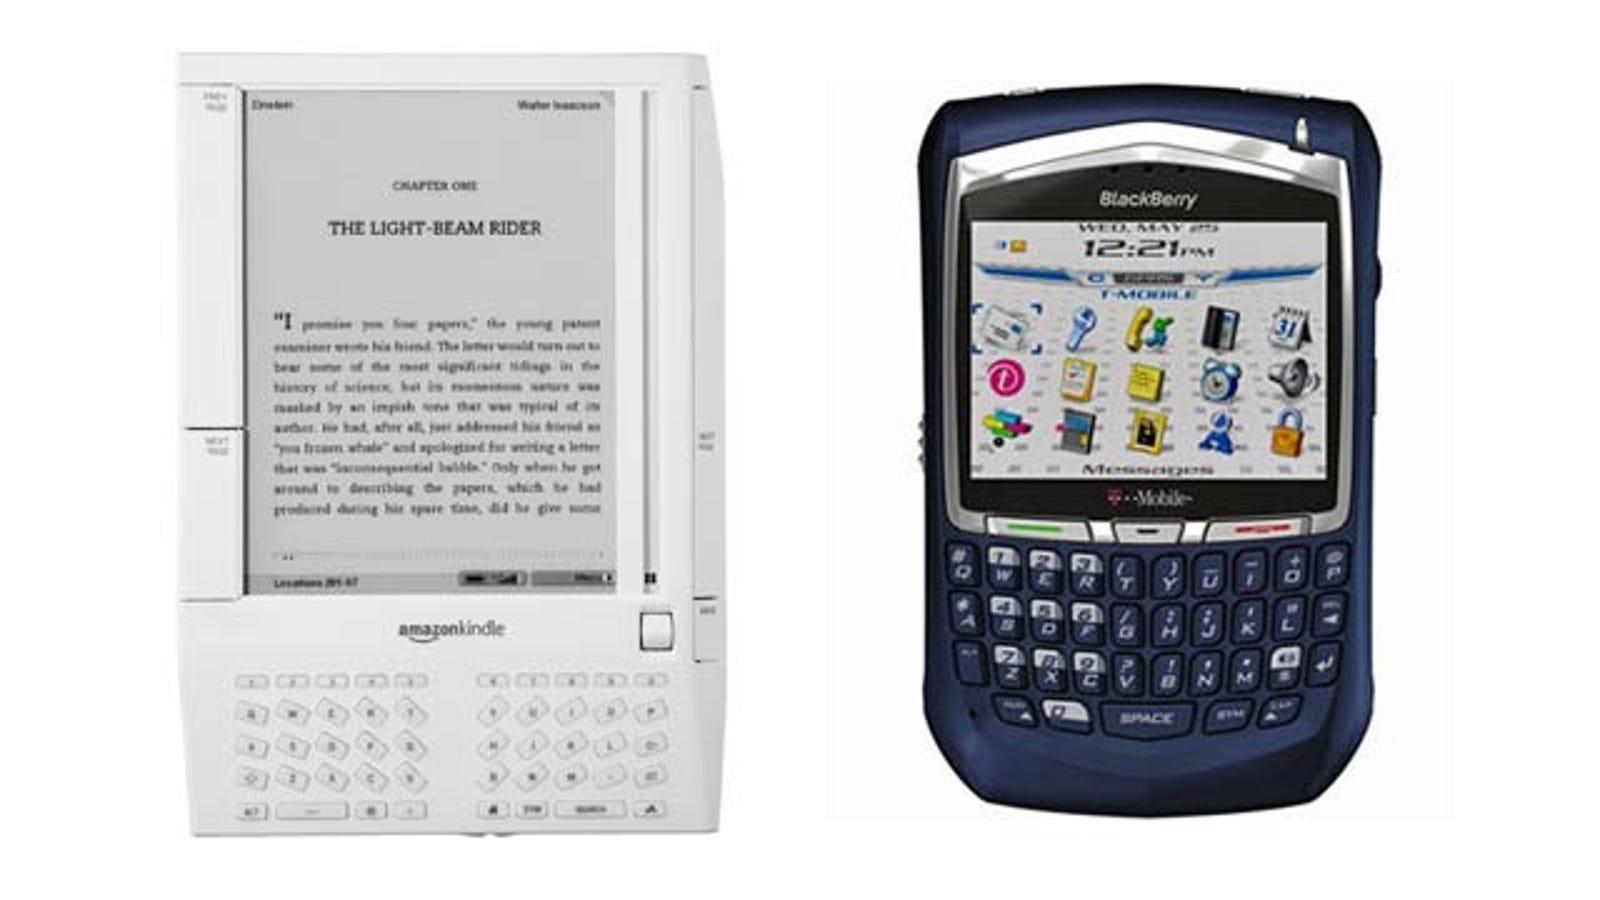 Blackberry playbook error code 28